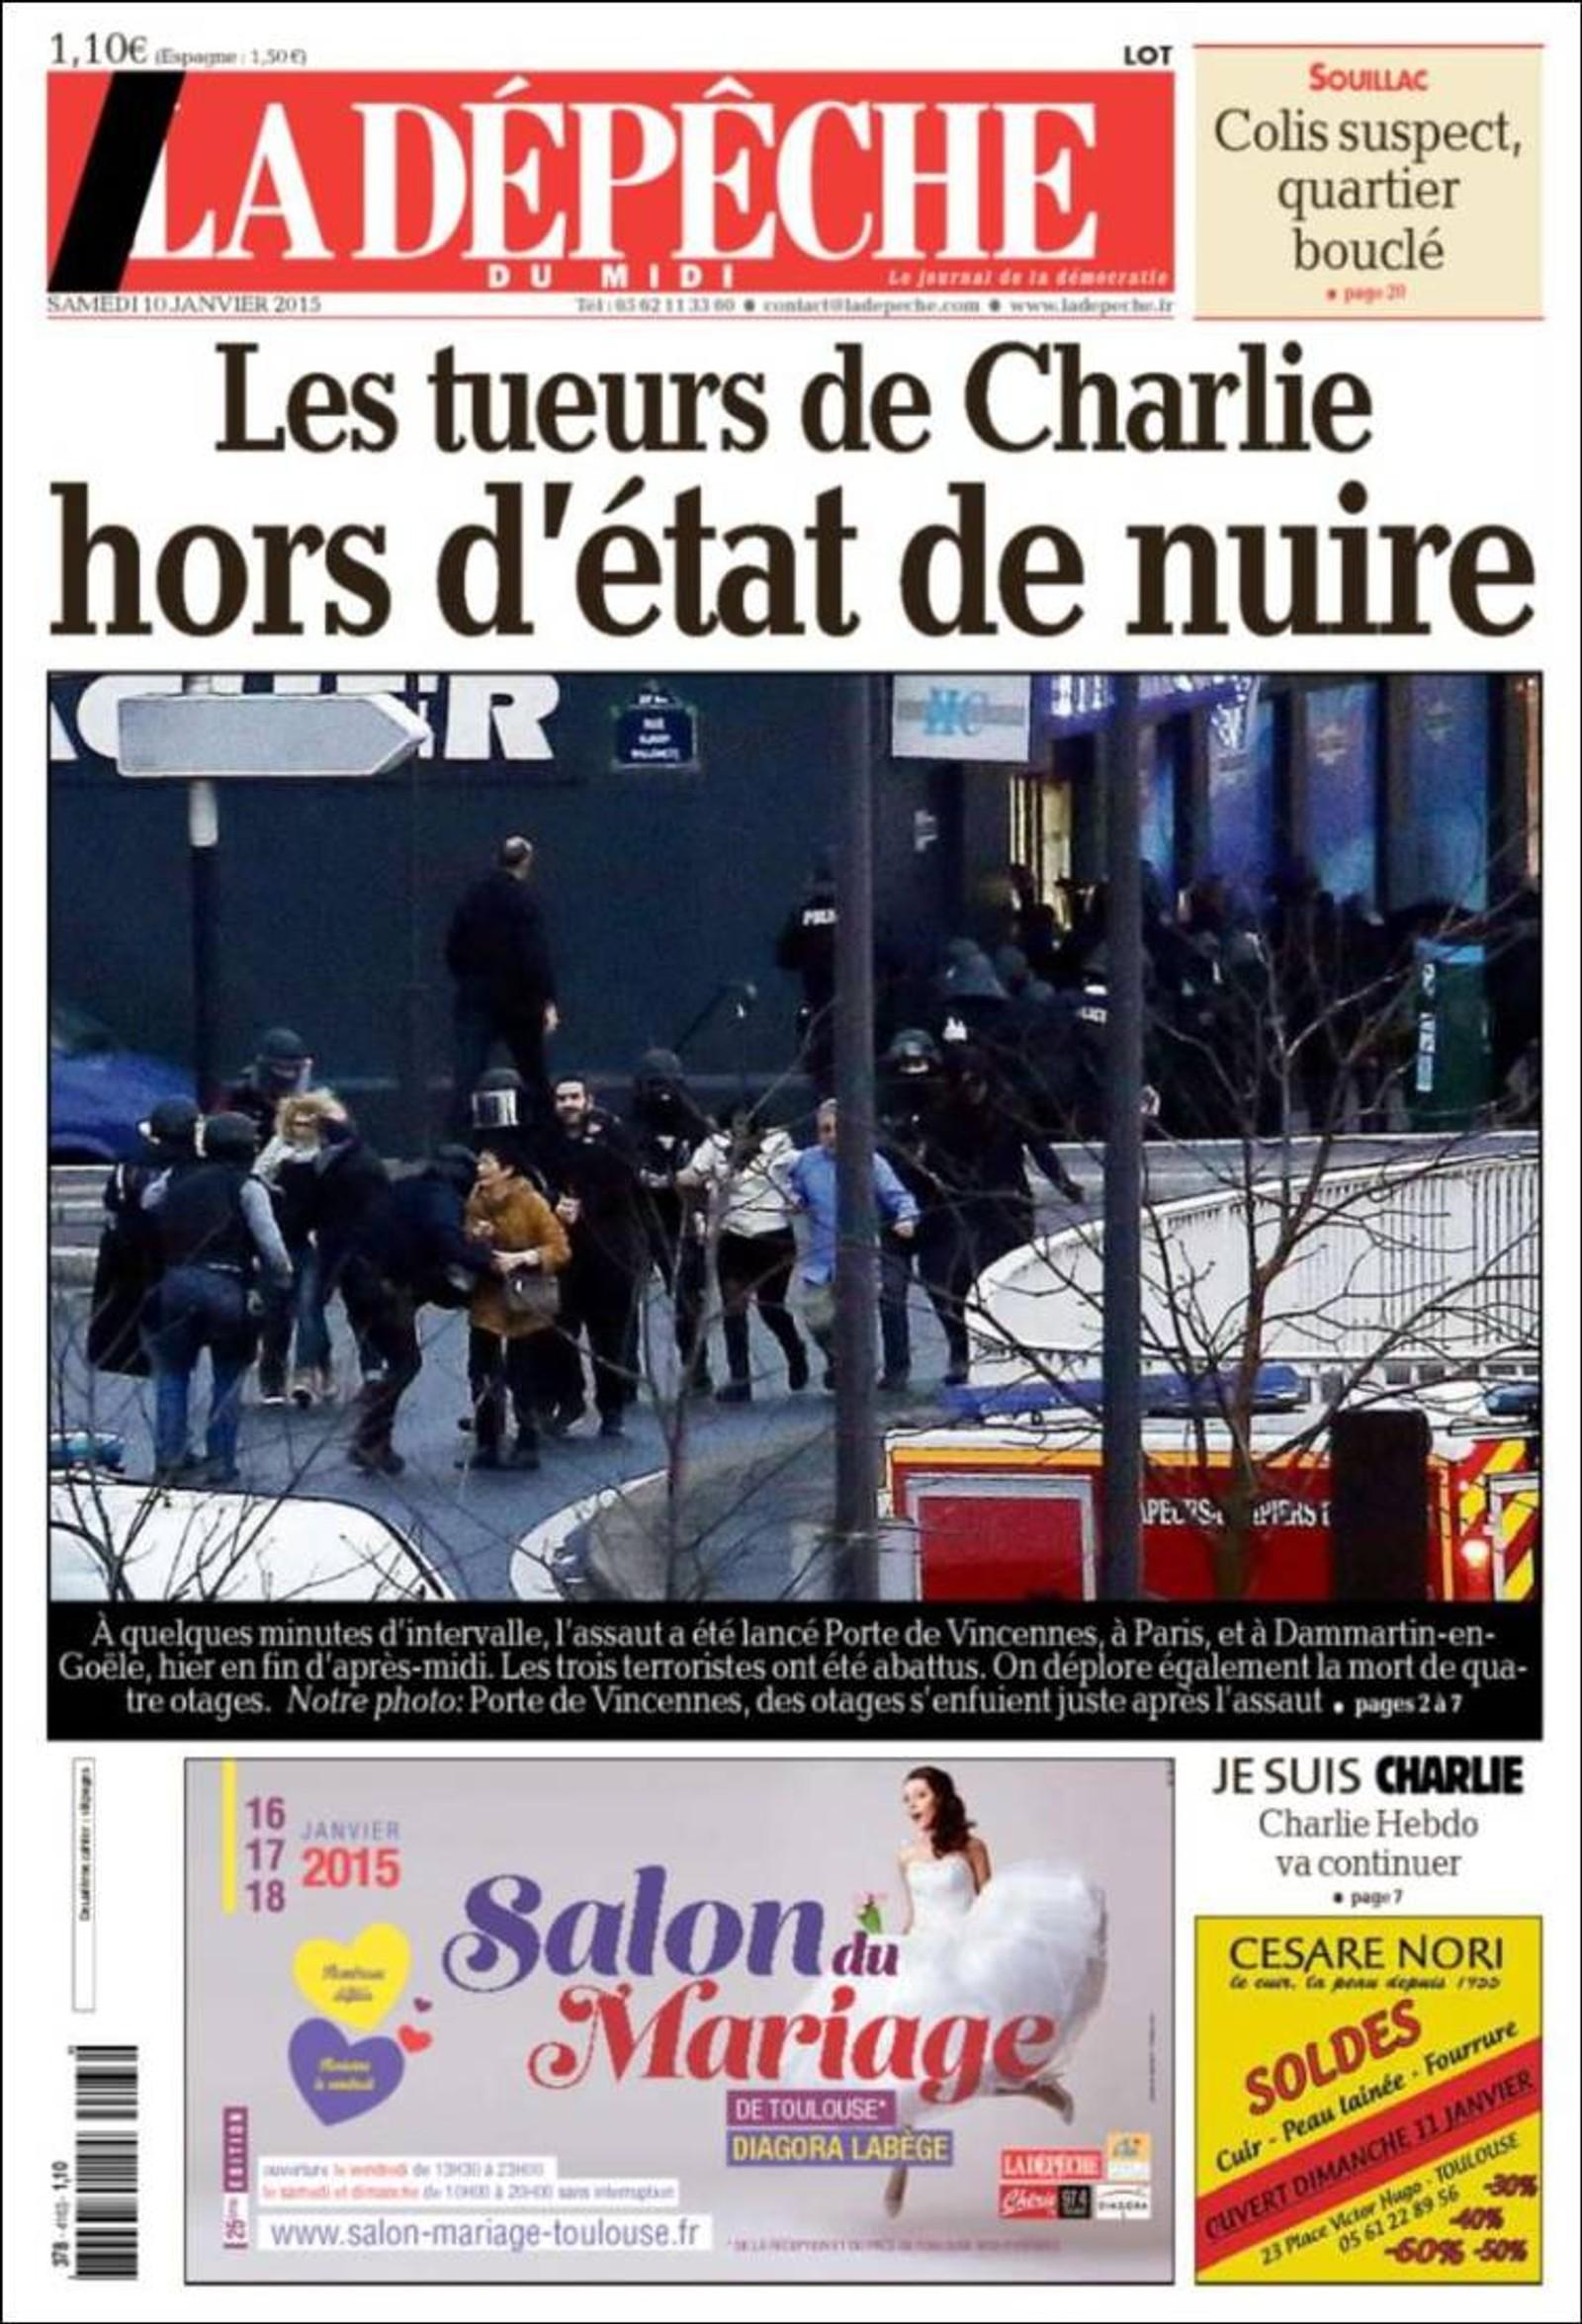 La Depeche: Slakterne fra Charlie ute av stand til å gjøre skade.